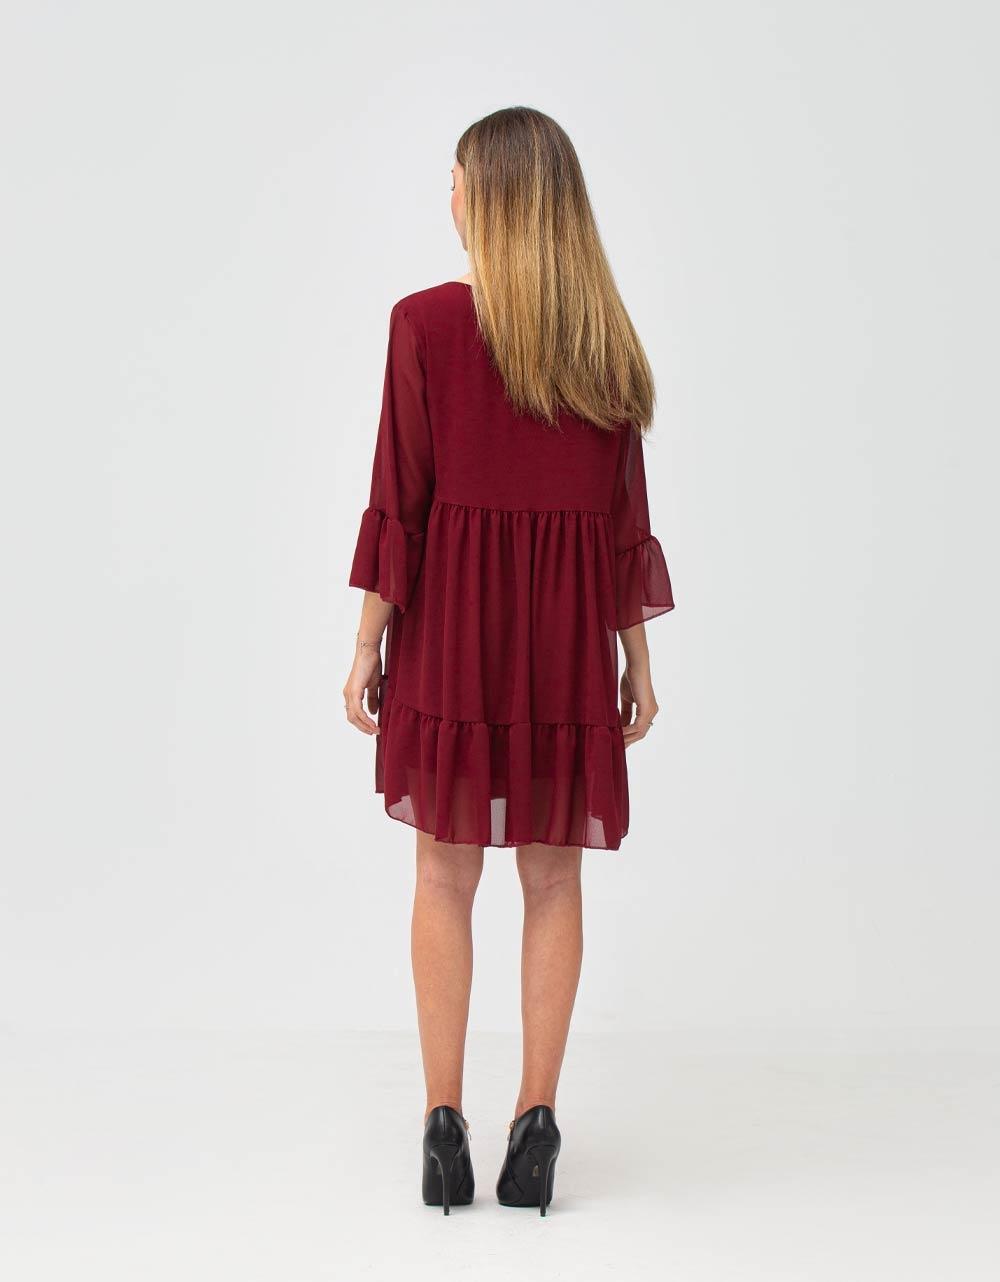 Εικόνα από Γυναικείο φόρεμα αέρινο με βολάν Μπορντώ